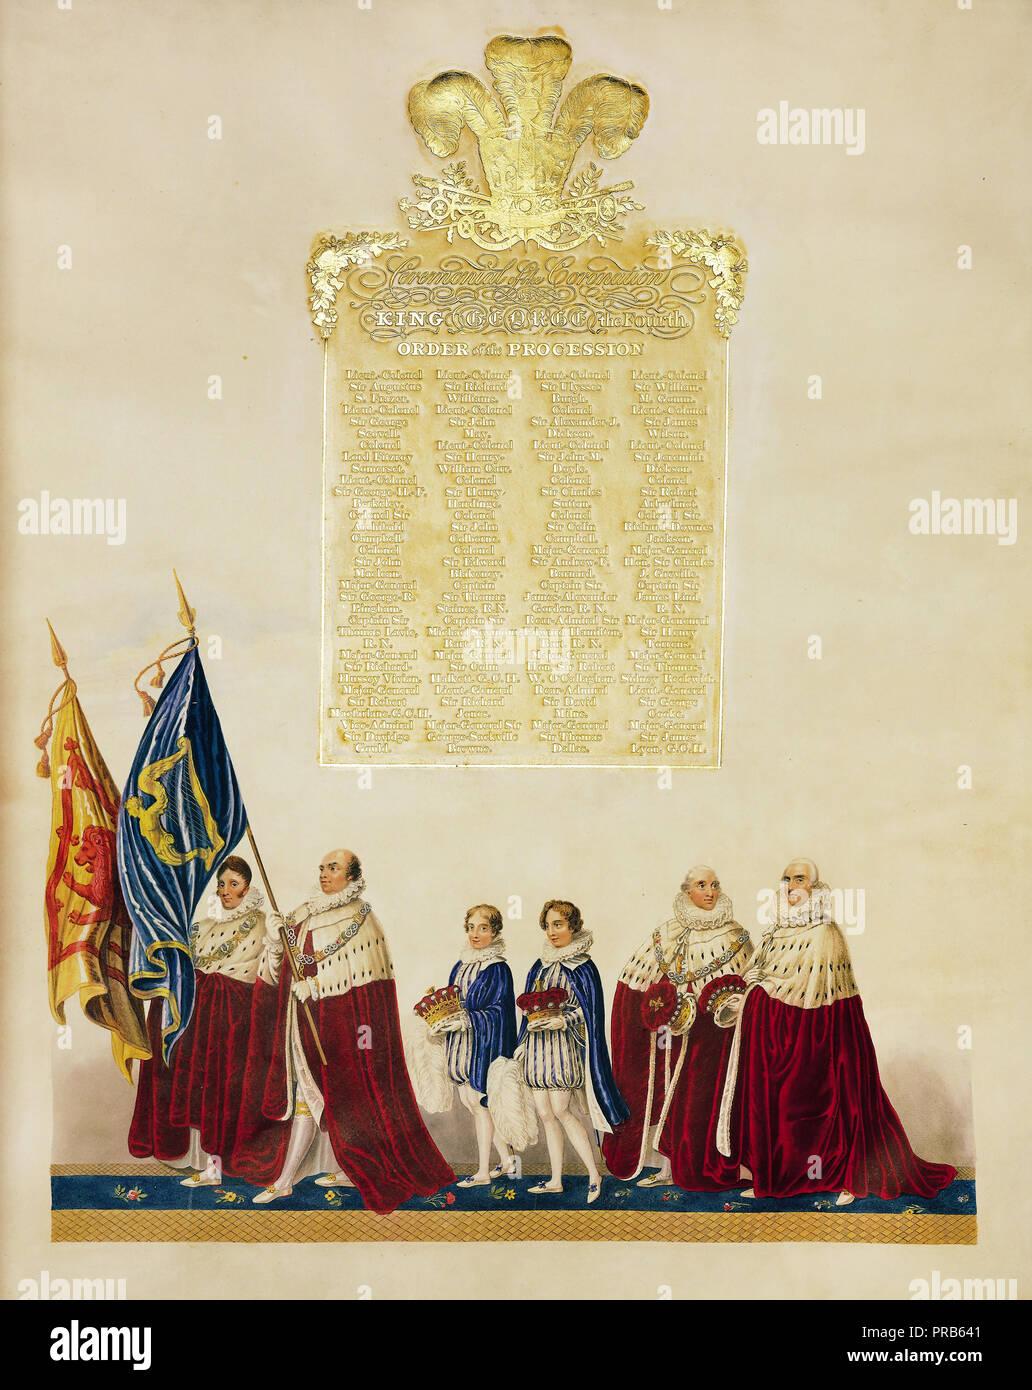 John Whittaker, cerimoniale di incoronazione del re George IV 1823 stampato sul Giappone vellum, Collezione Reale del Regno Unito. Immagini Stock